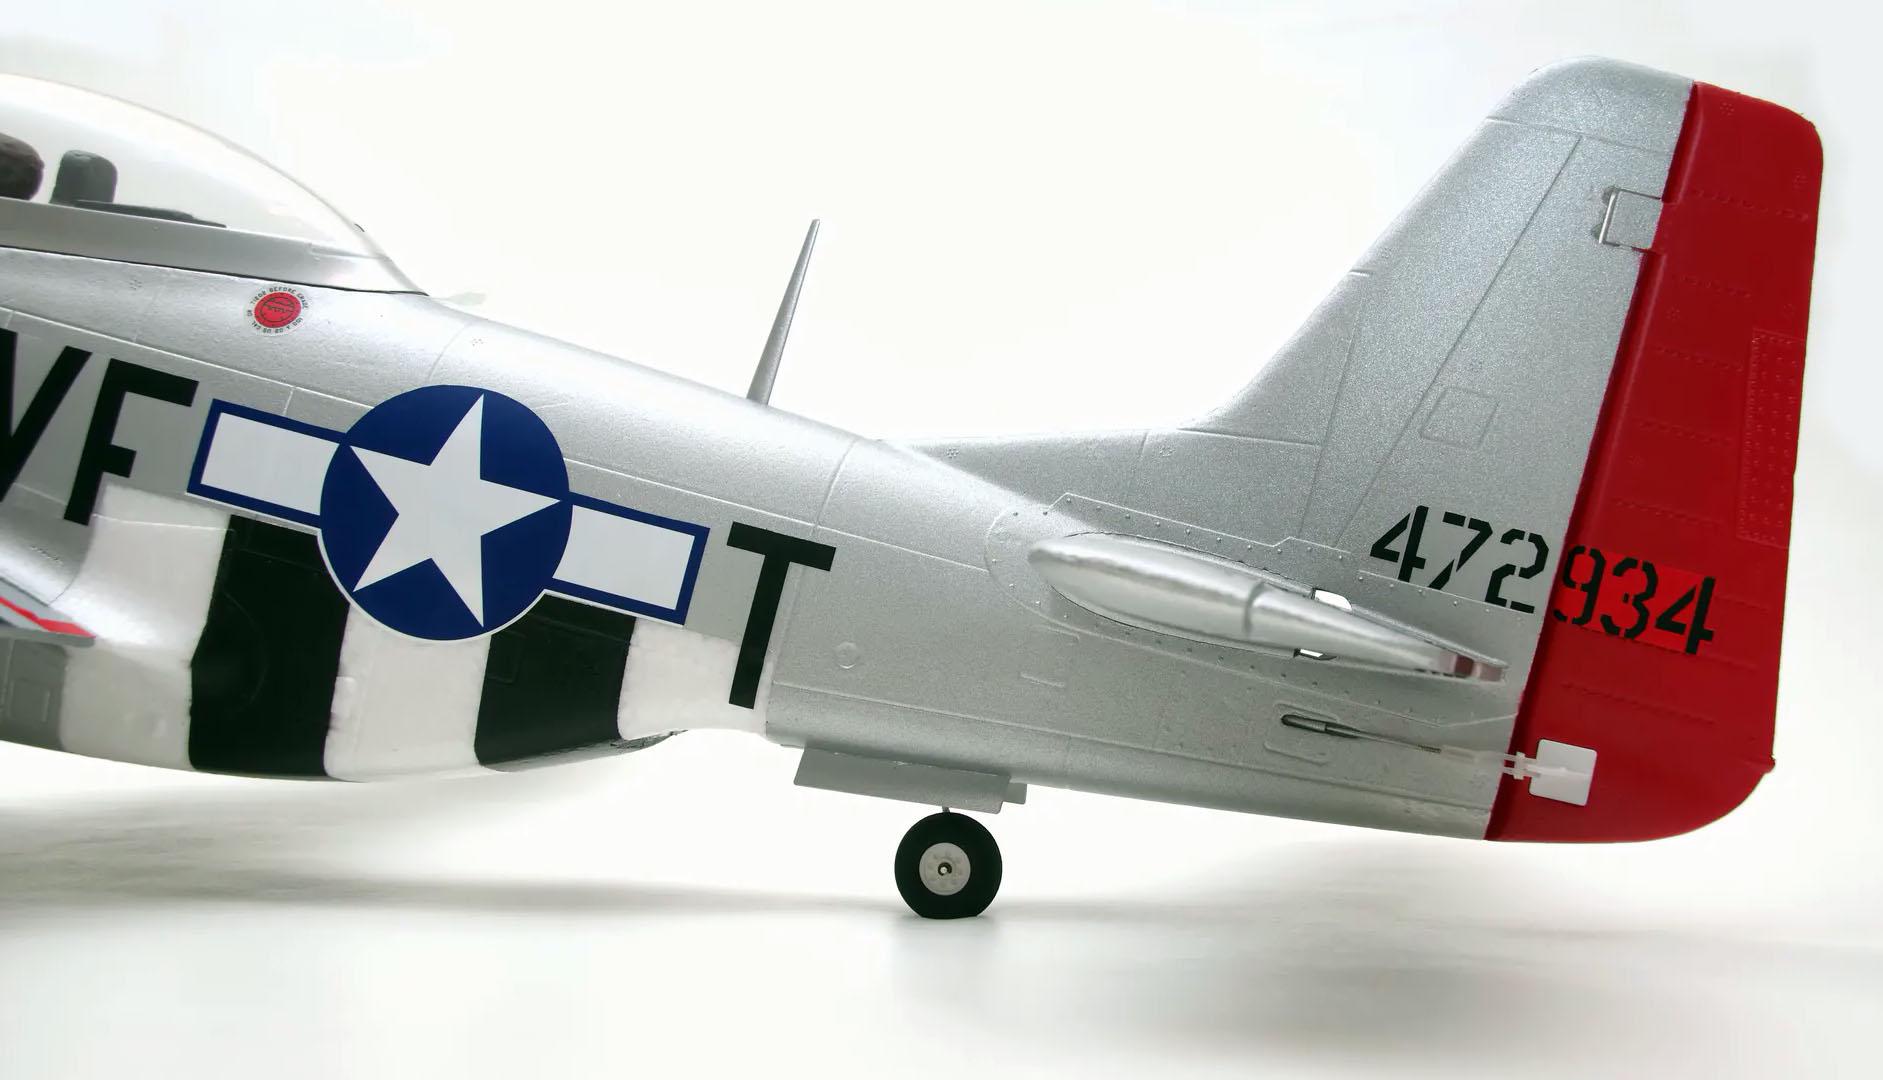 P-51 Mustang Arrows RC